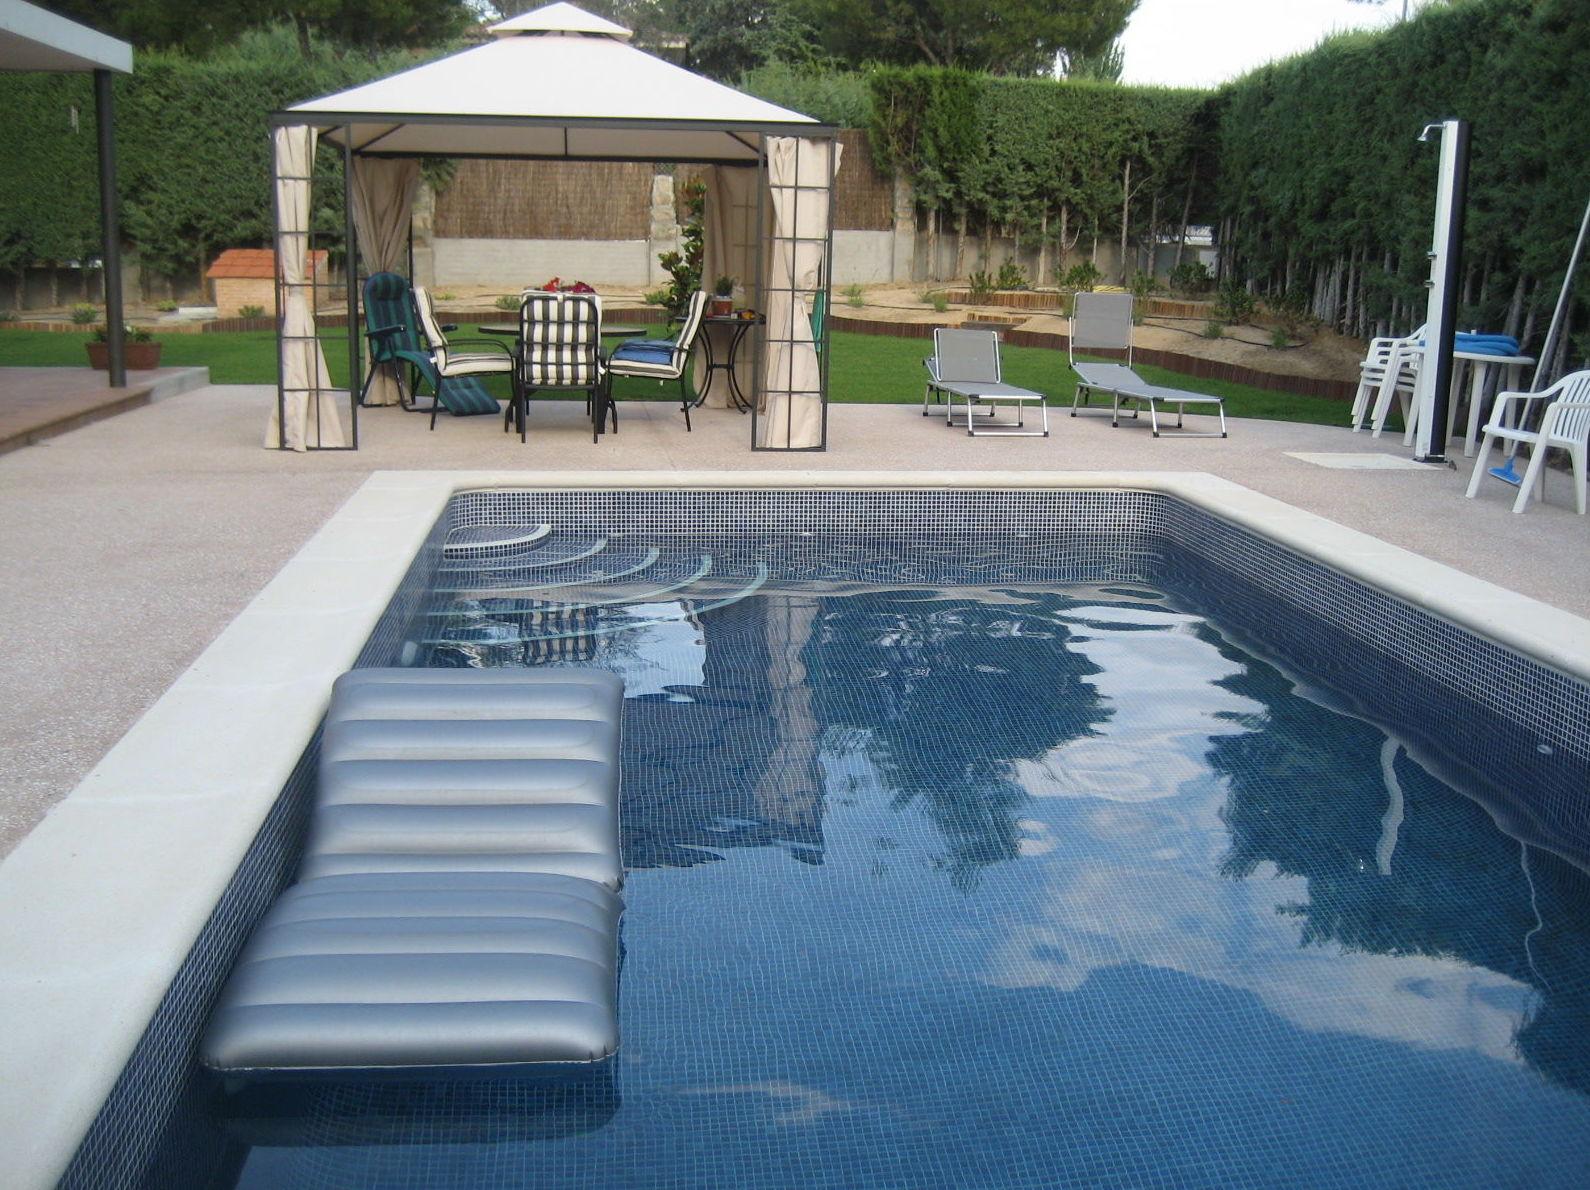 Piscina gunitada de 8x4 piscinas y accesorios de ardigral - Precio piscina obra 8x4 ...